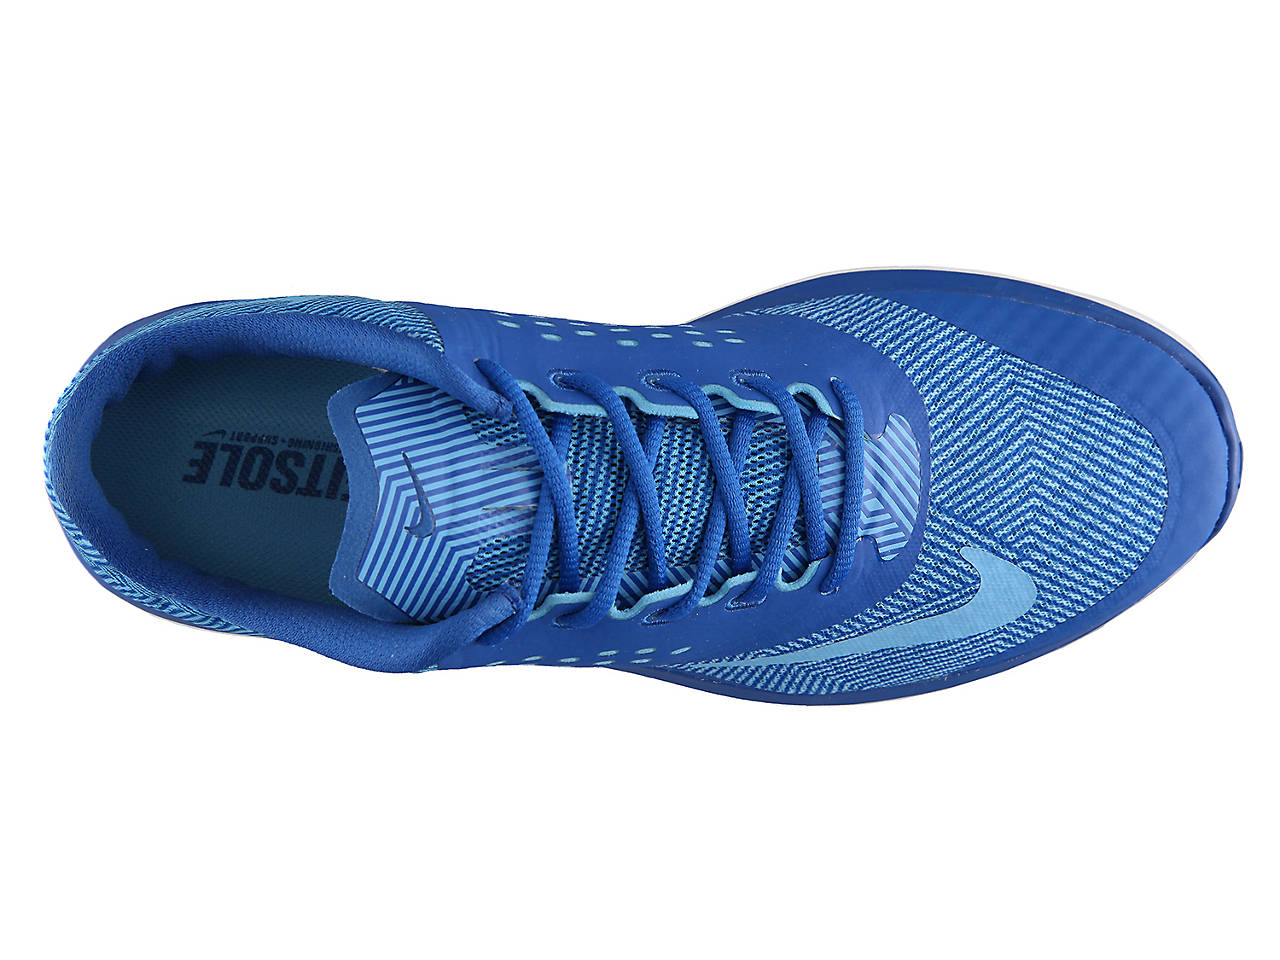 8e14fbd9a43 Nike FS Lite Run 2 Premium Lightweight Running Shoe - Women s ...